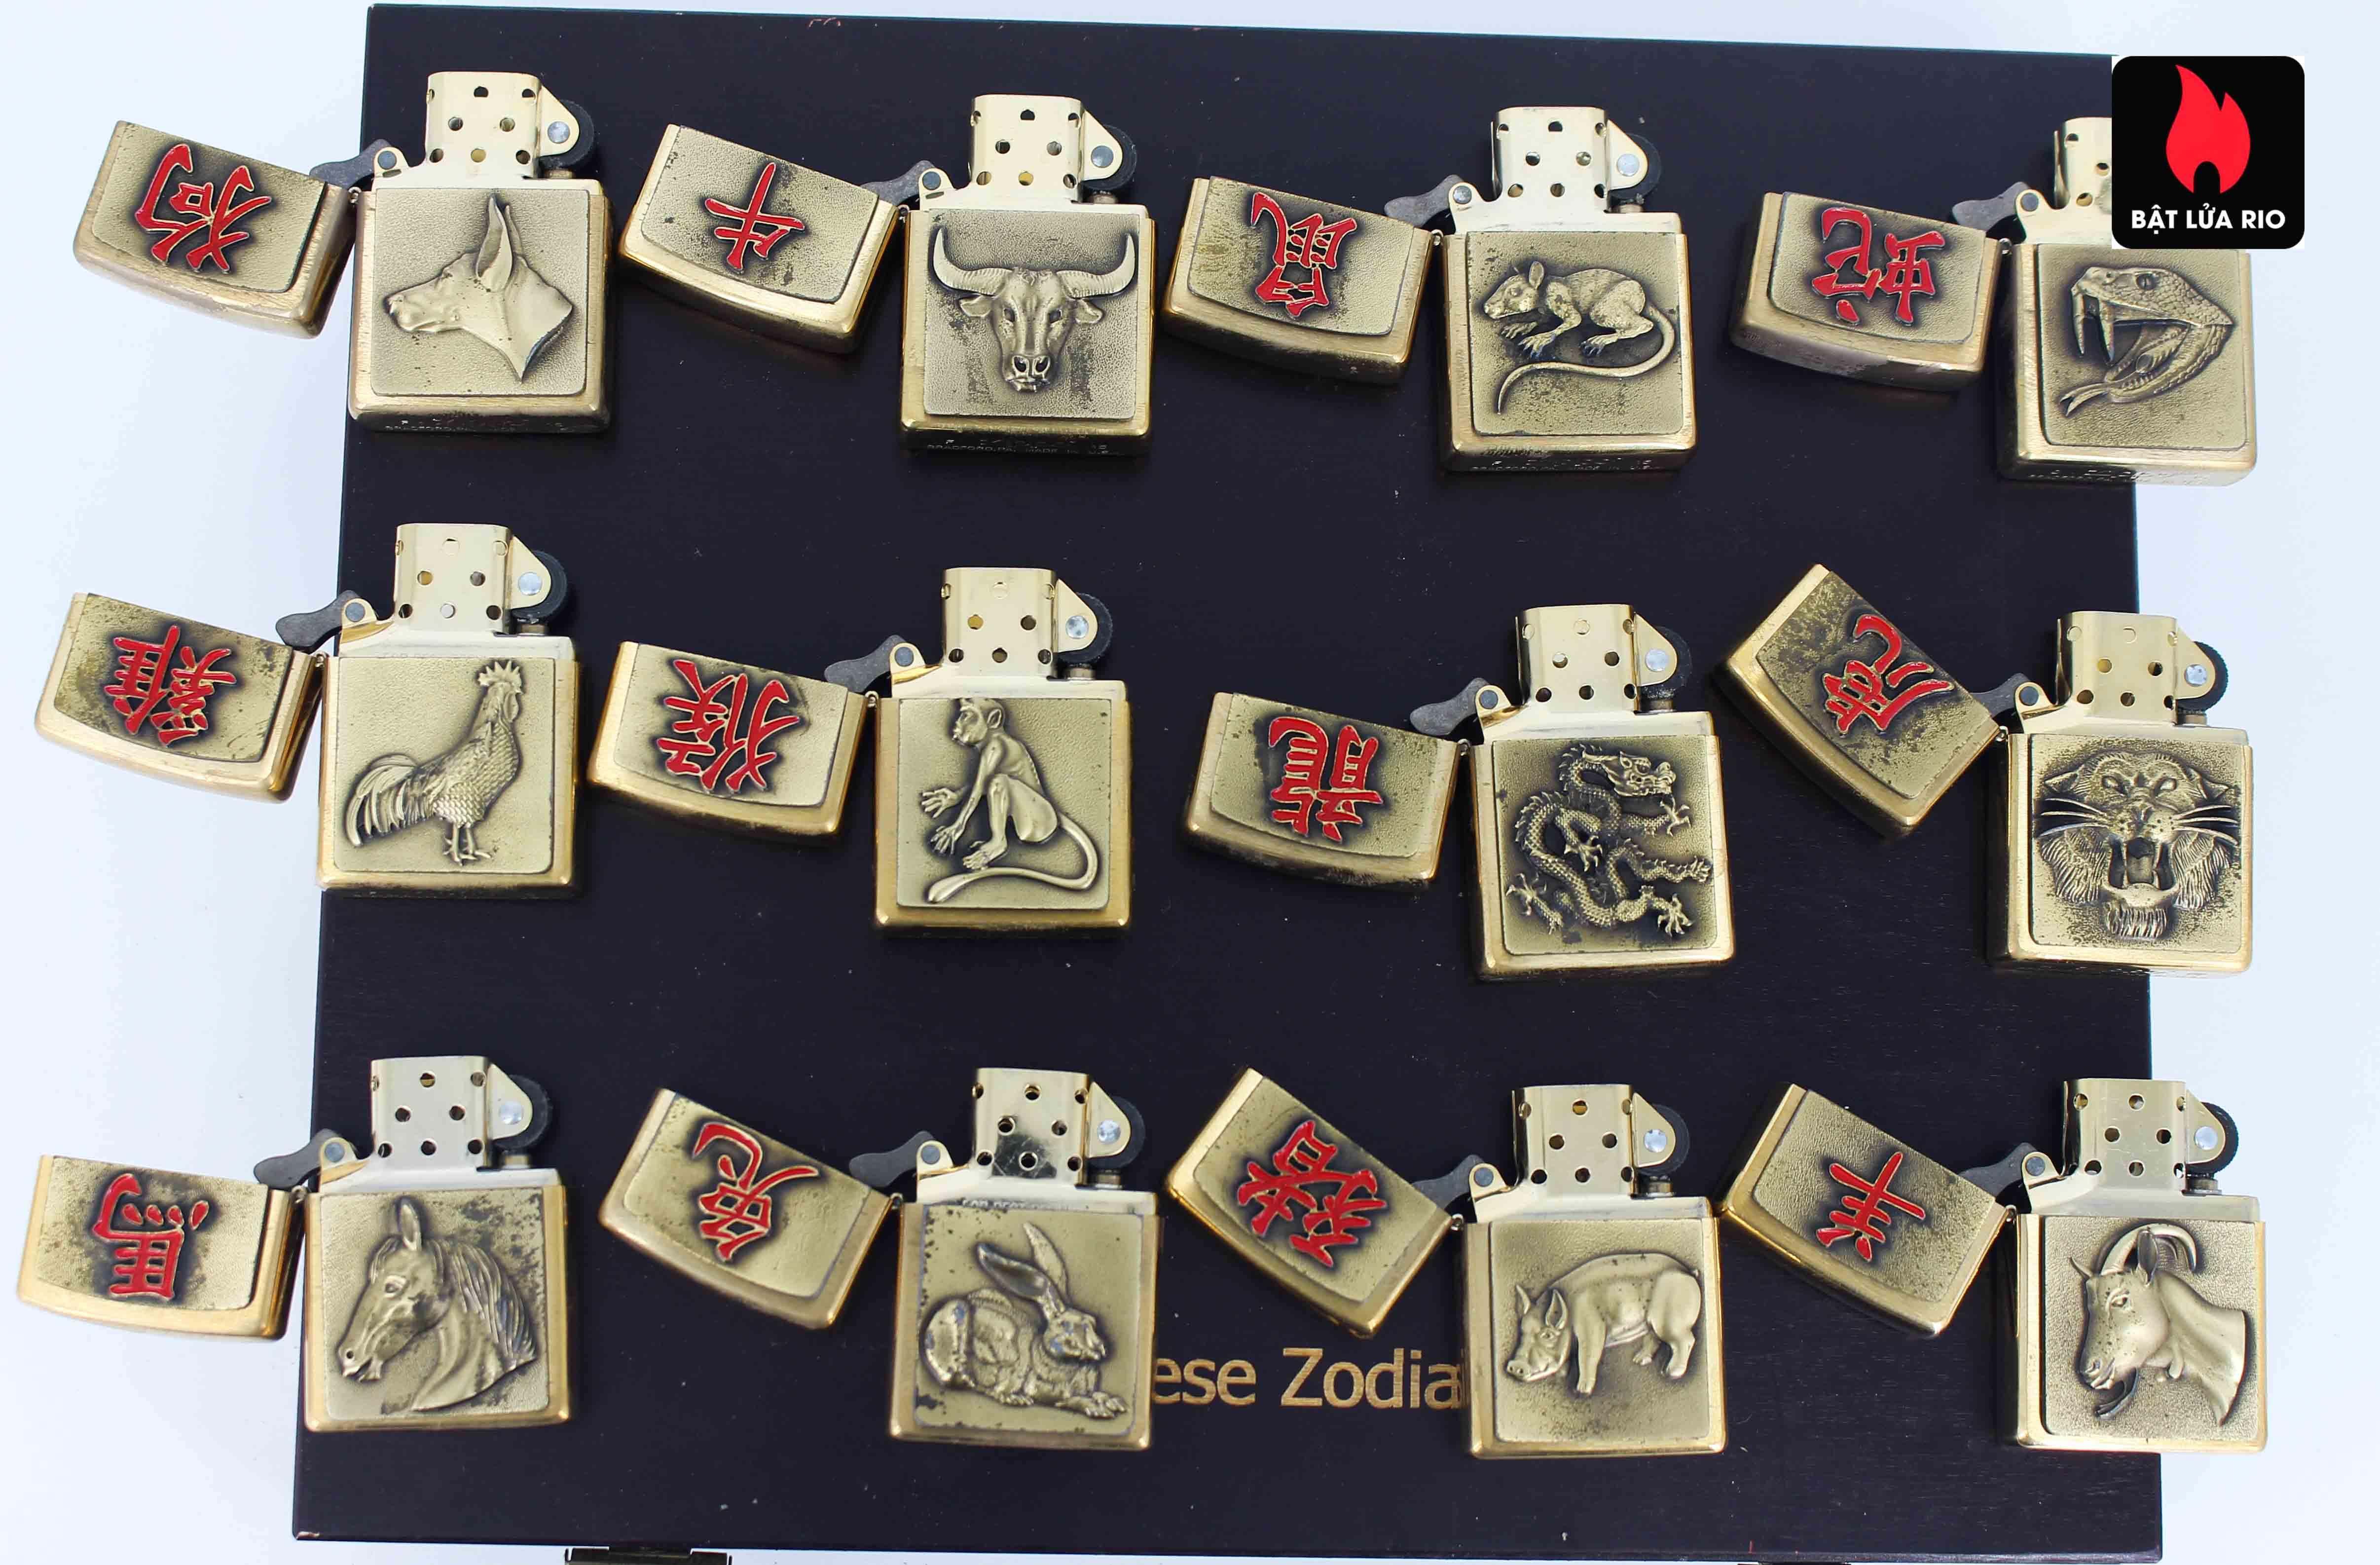 Zippo Set 2015 - Chinese Zodiac - 12 Con Giáp Châu Á 6